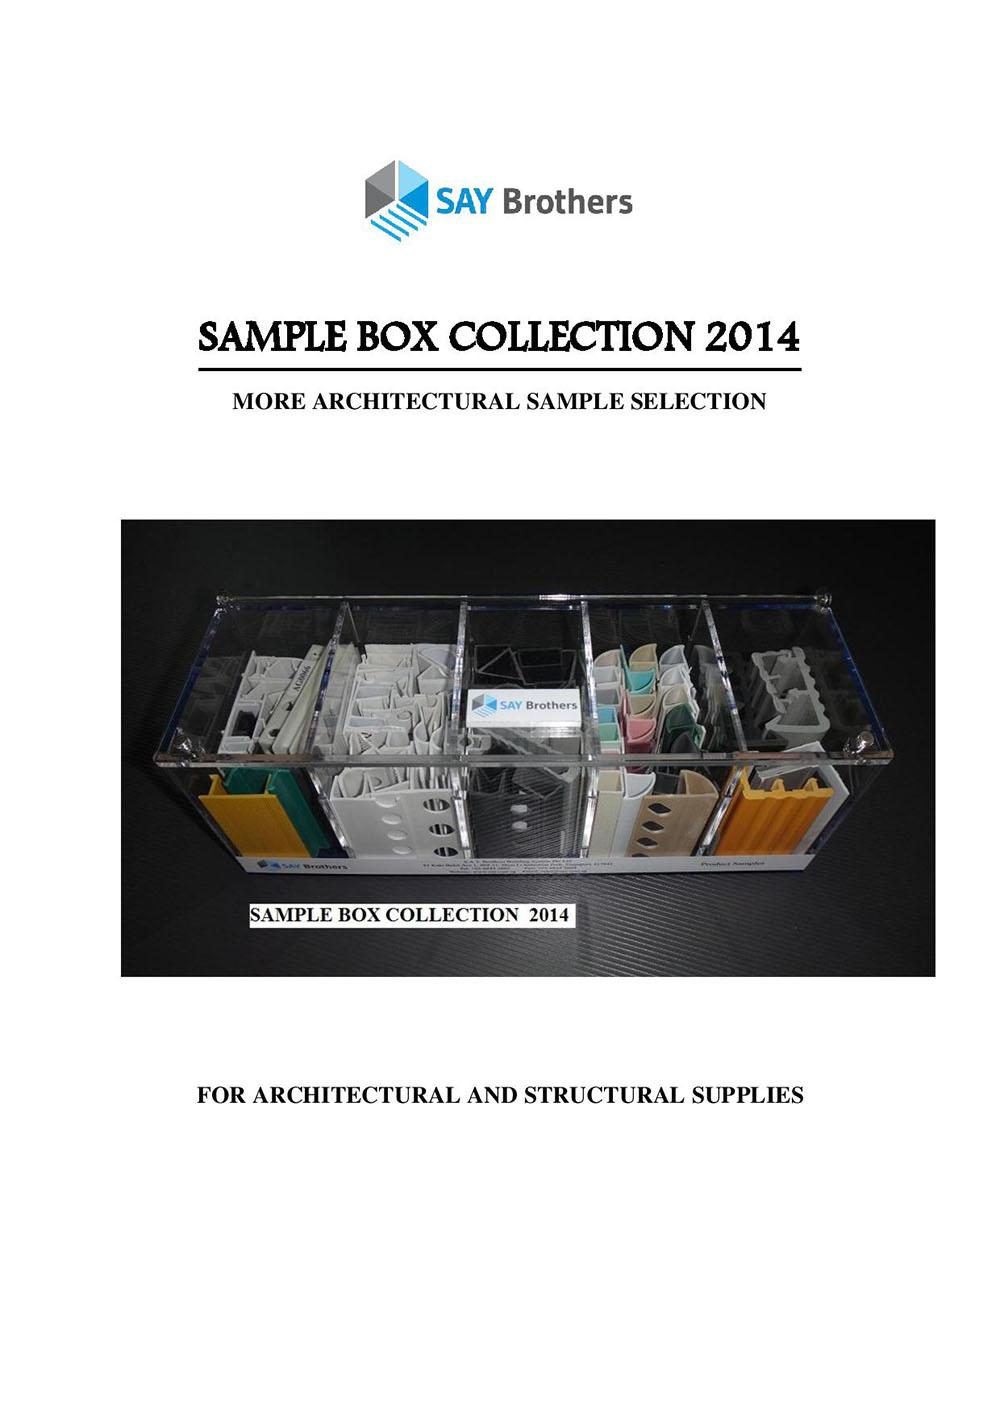 Sample box 2014 pic